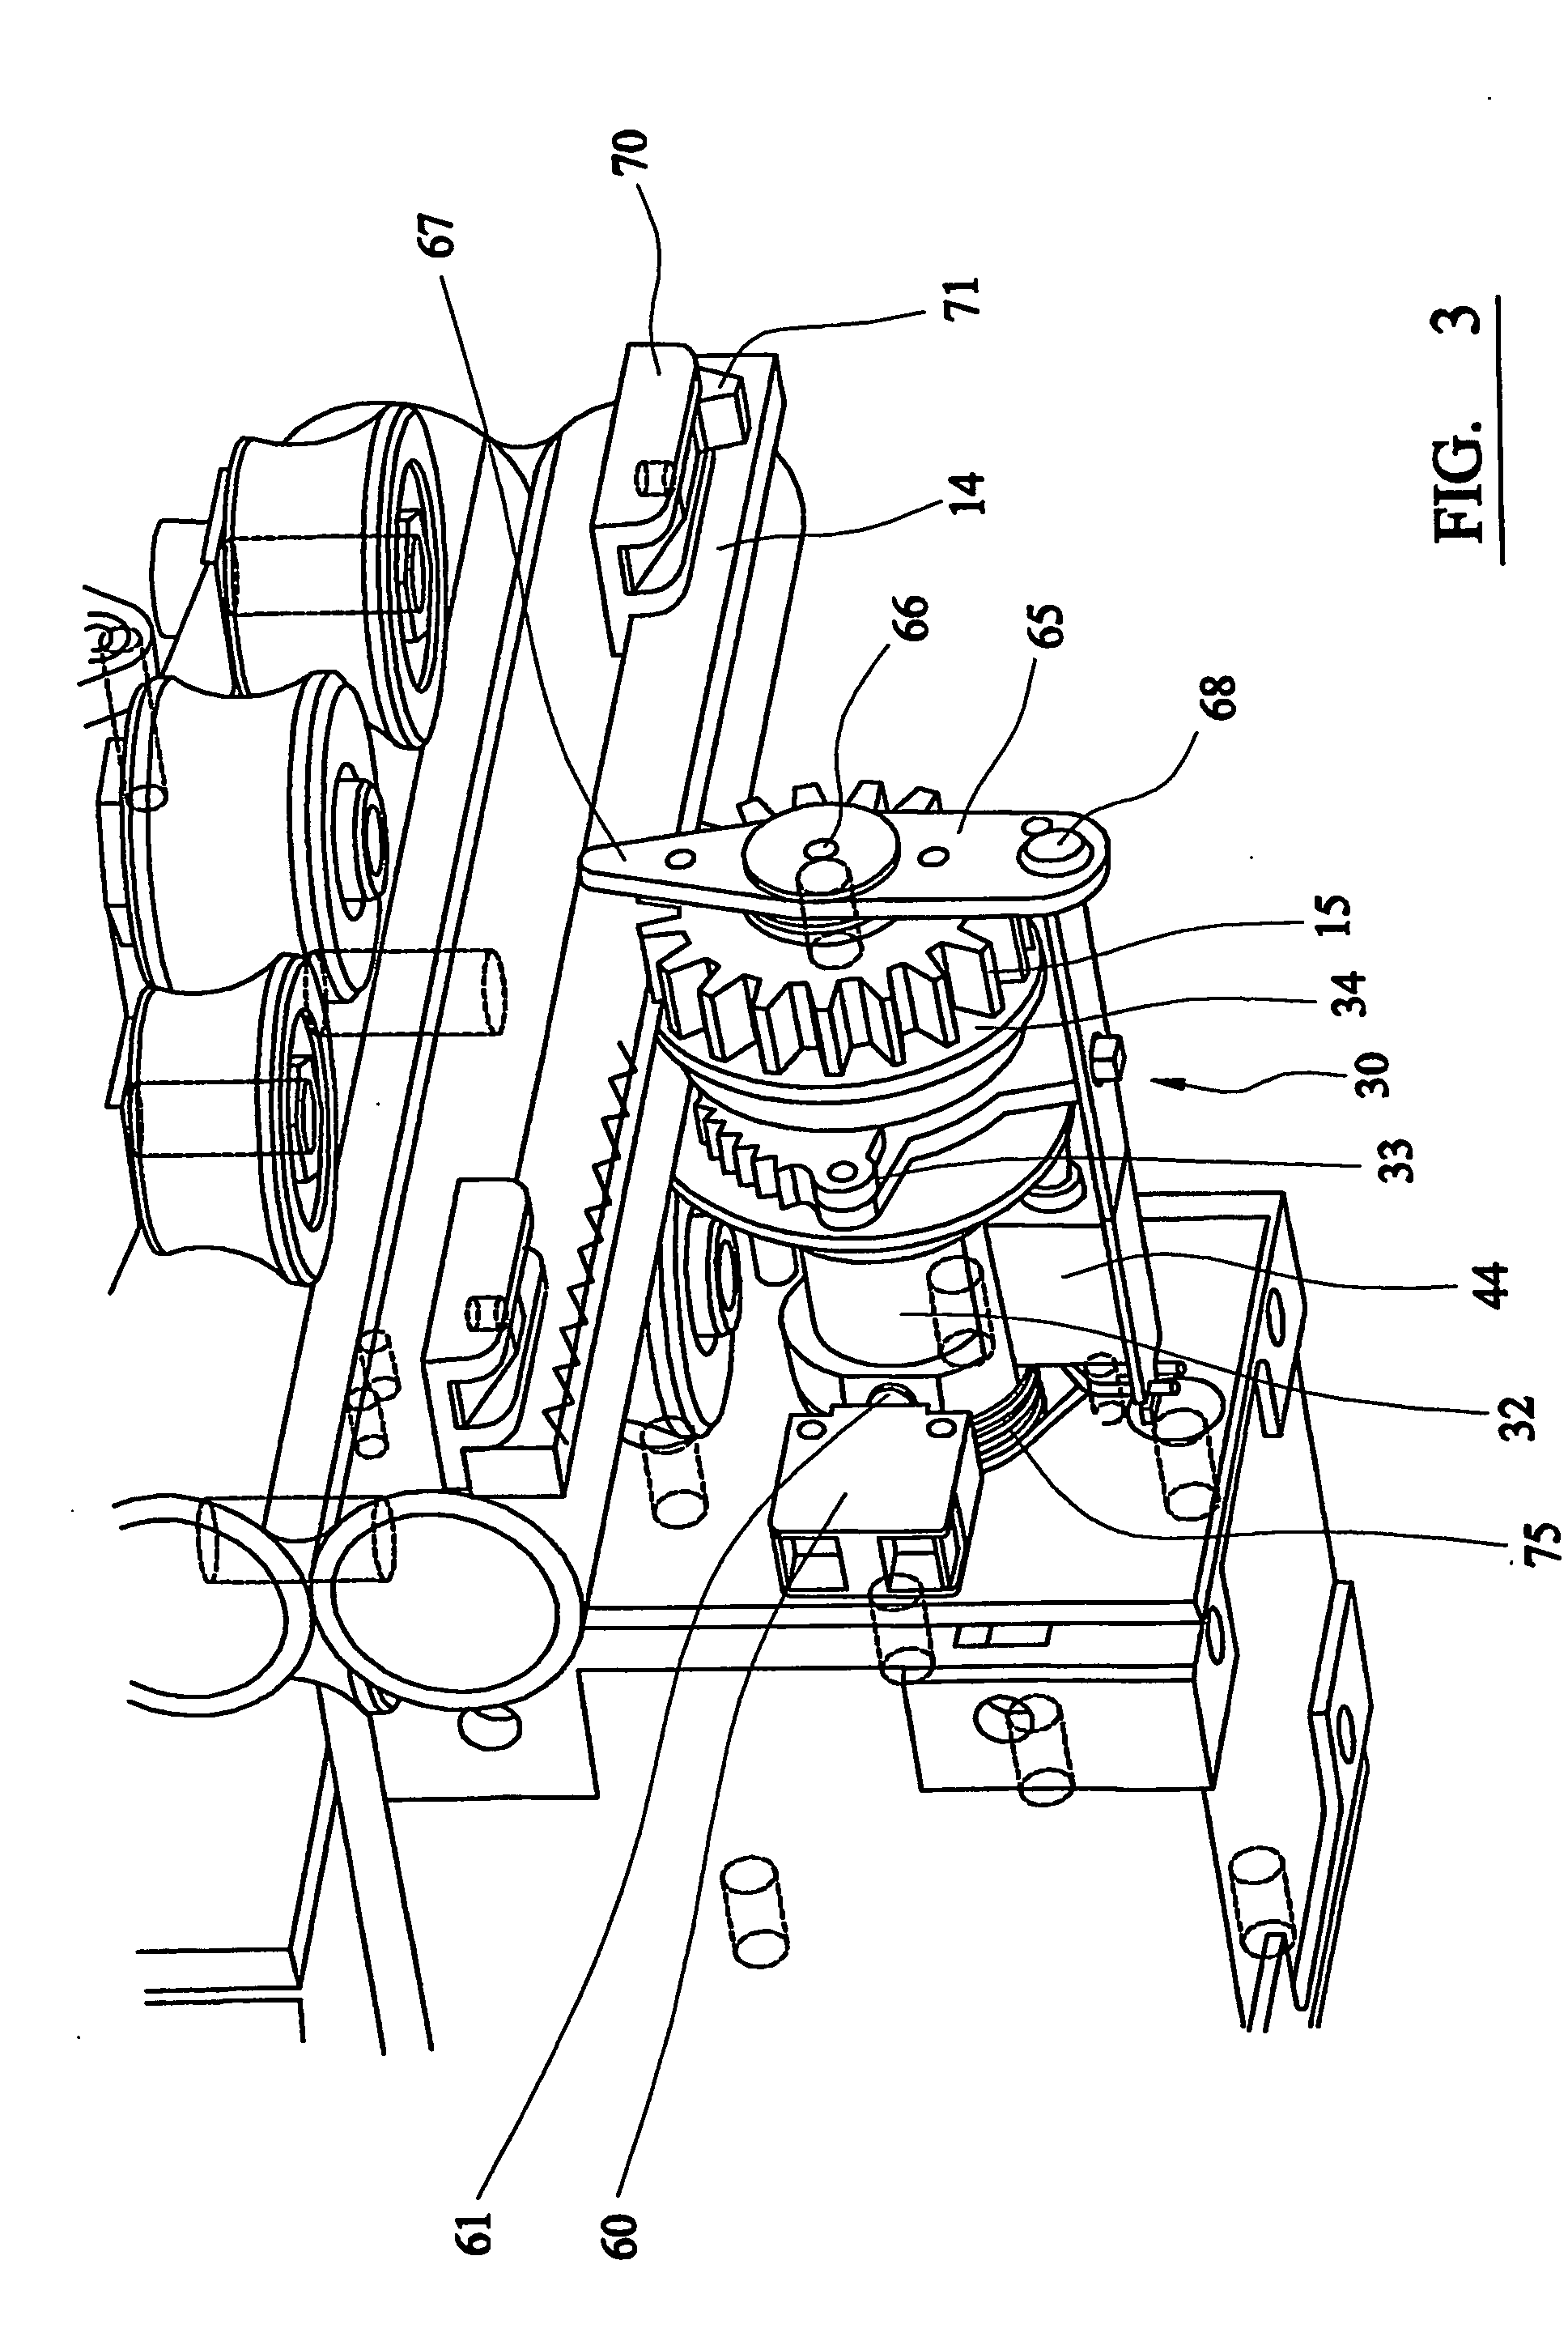 patent us20050279580